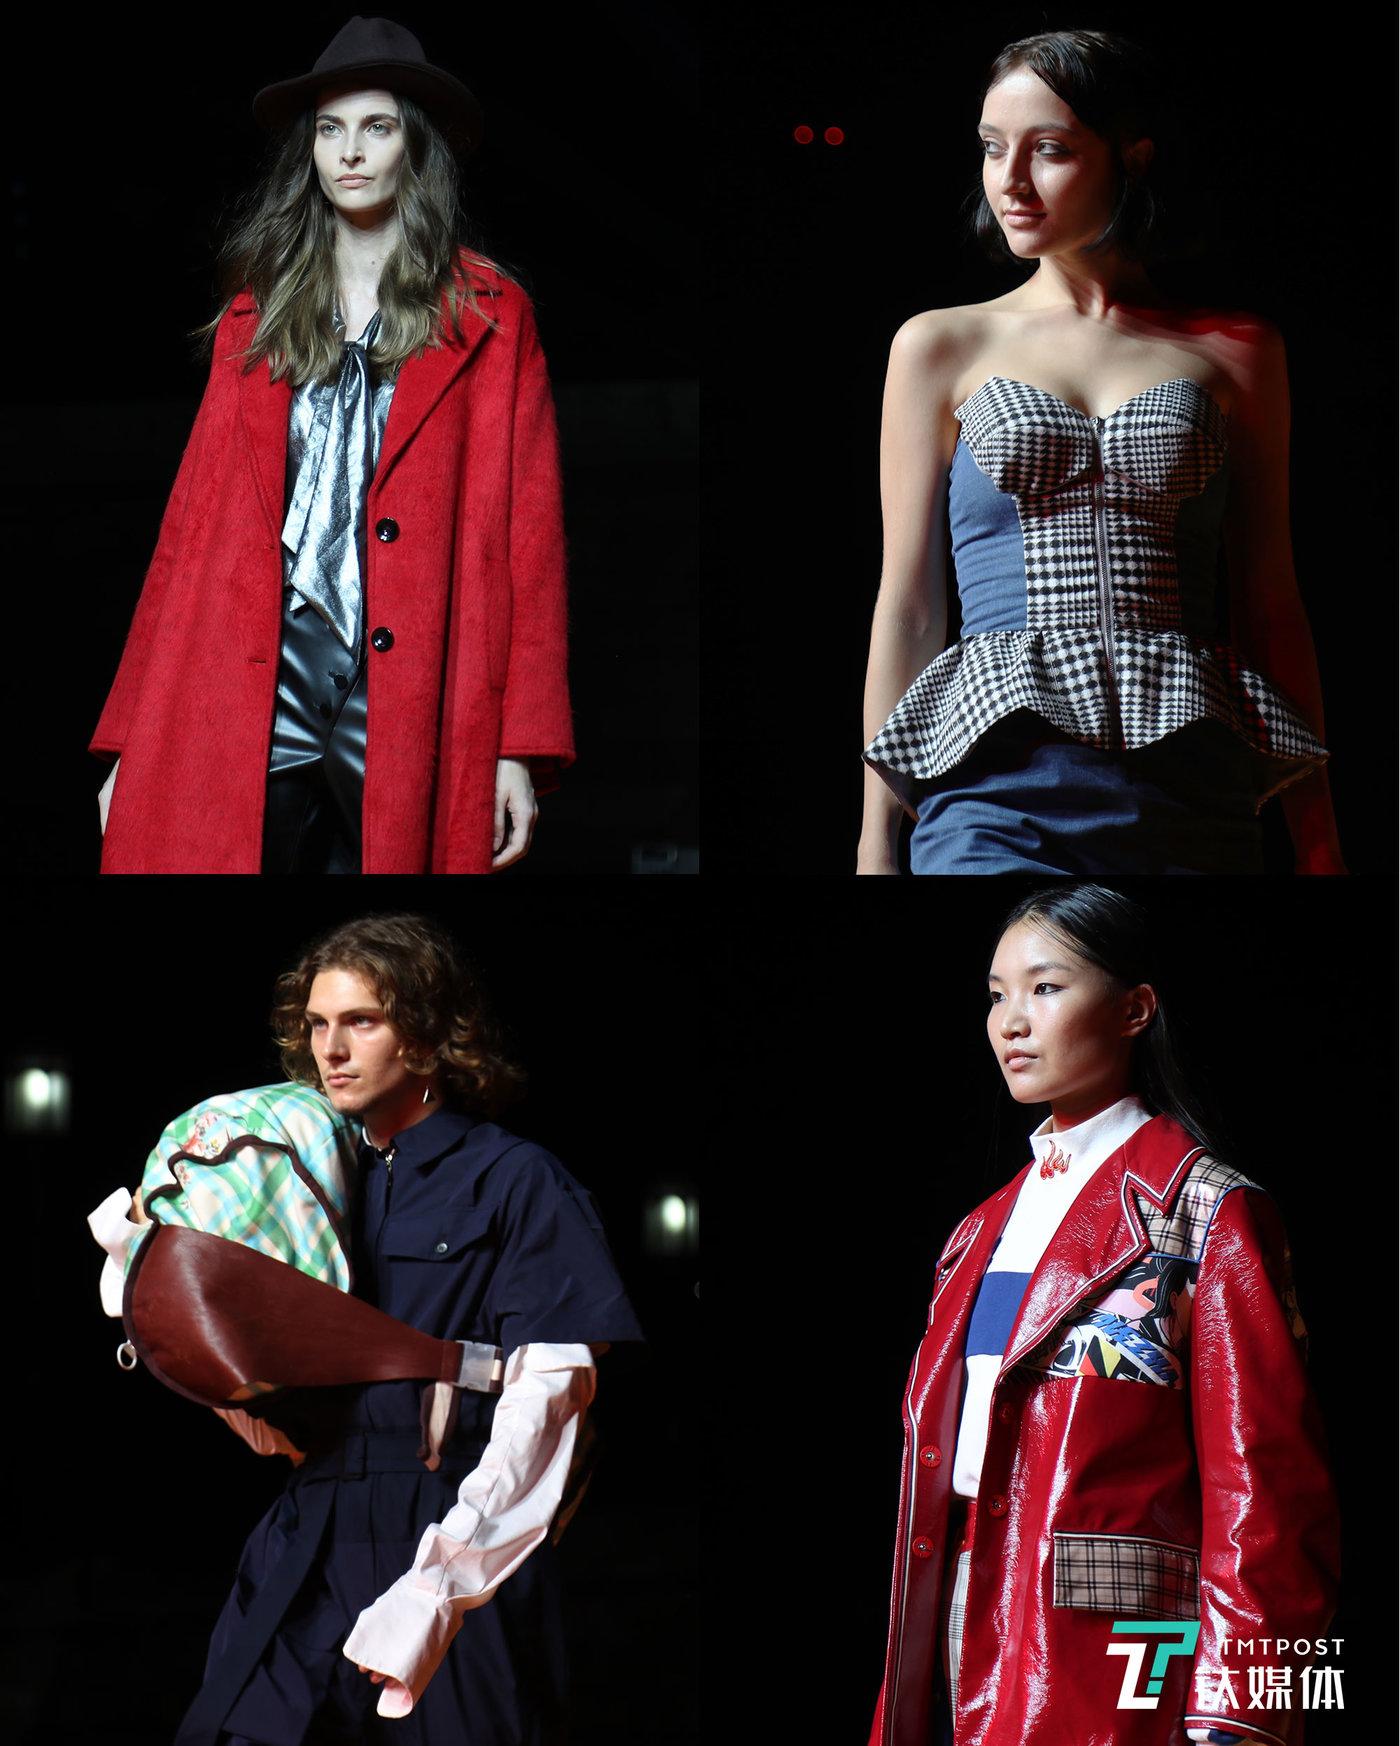 """20位中国新锐设计师带来了他们以""""万物""""为主题的时装作品,而淘宝上的一些原创设计师的作品也以""""特别秀""""的形式一一登场。"""